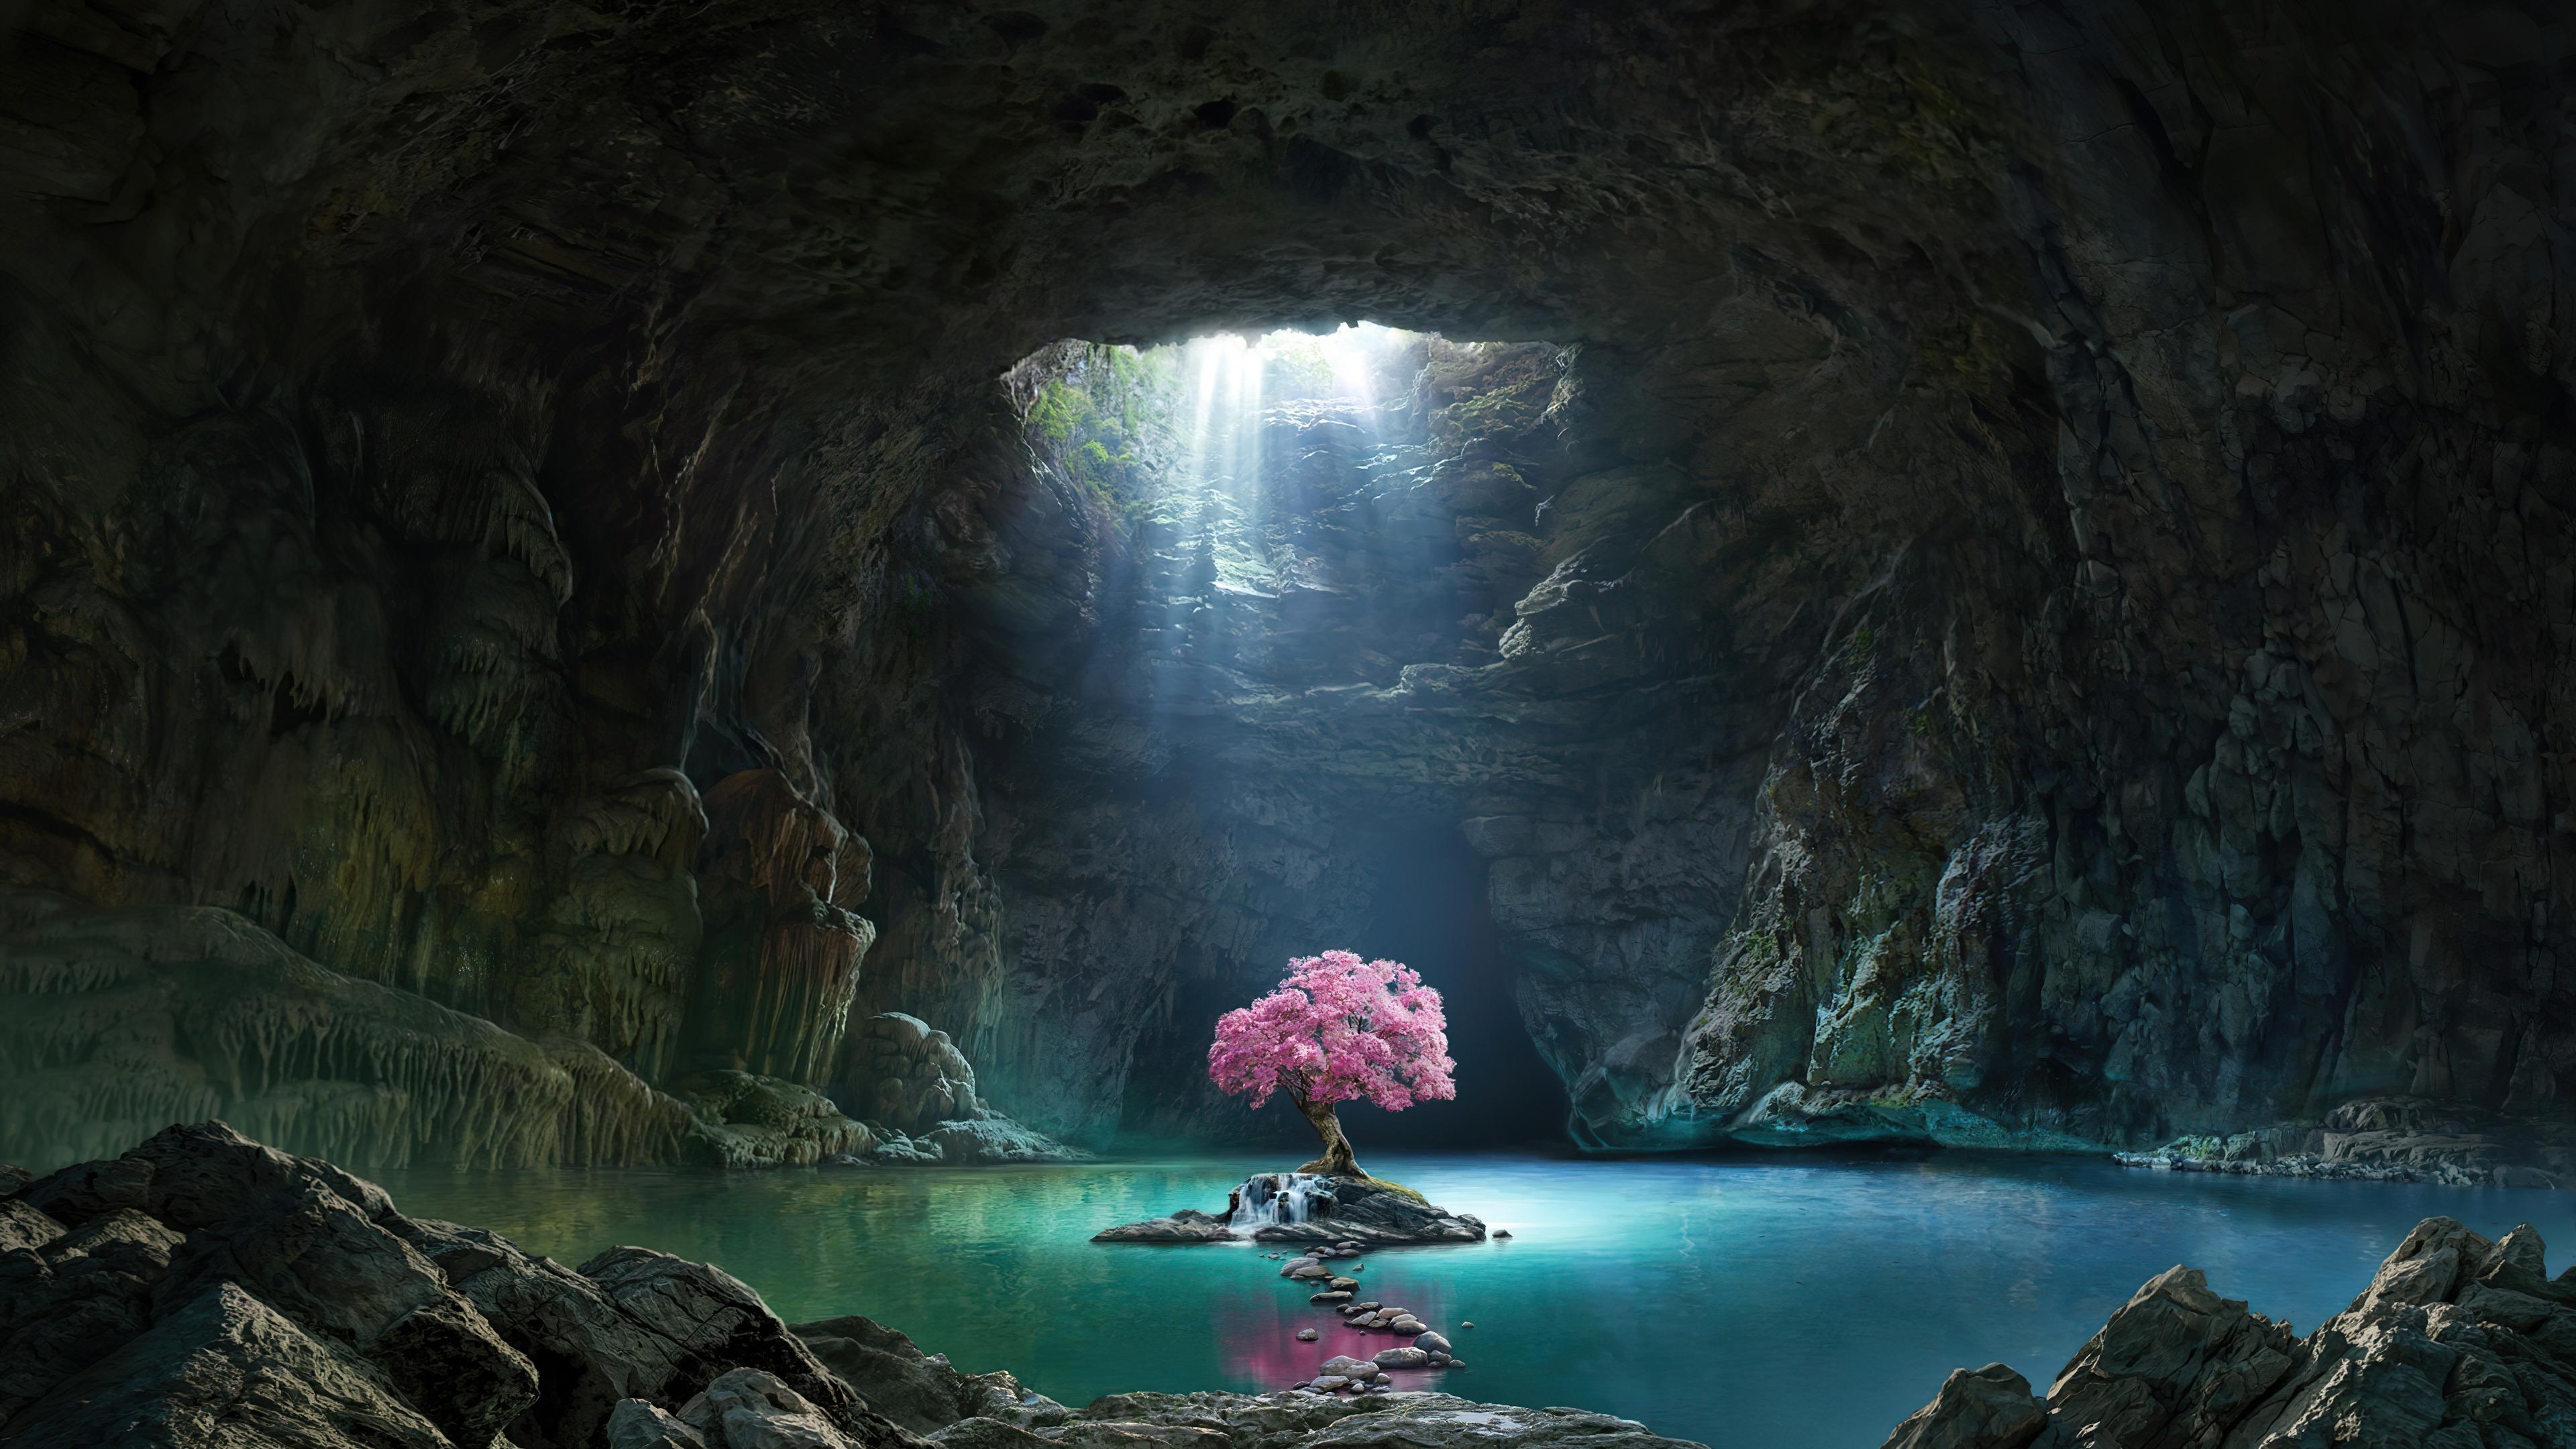 beautiful-cherry-blossom-cave-lake-scenery-uhdpaper.com-4K-6.446.jpg